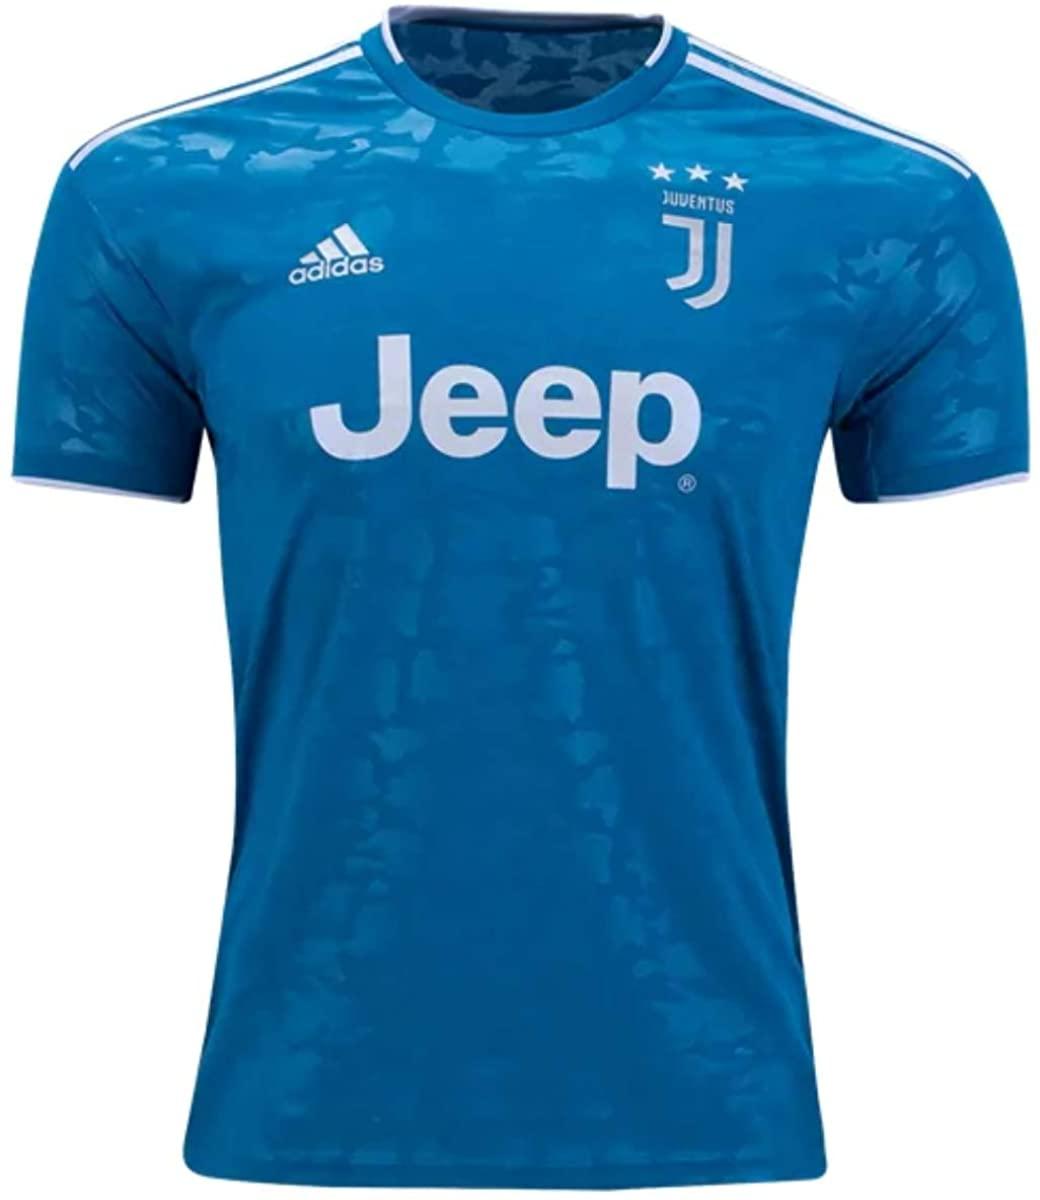 adidas 19-20 Juventus 3rd Youth Jersey